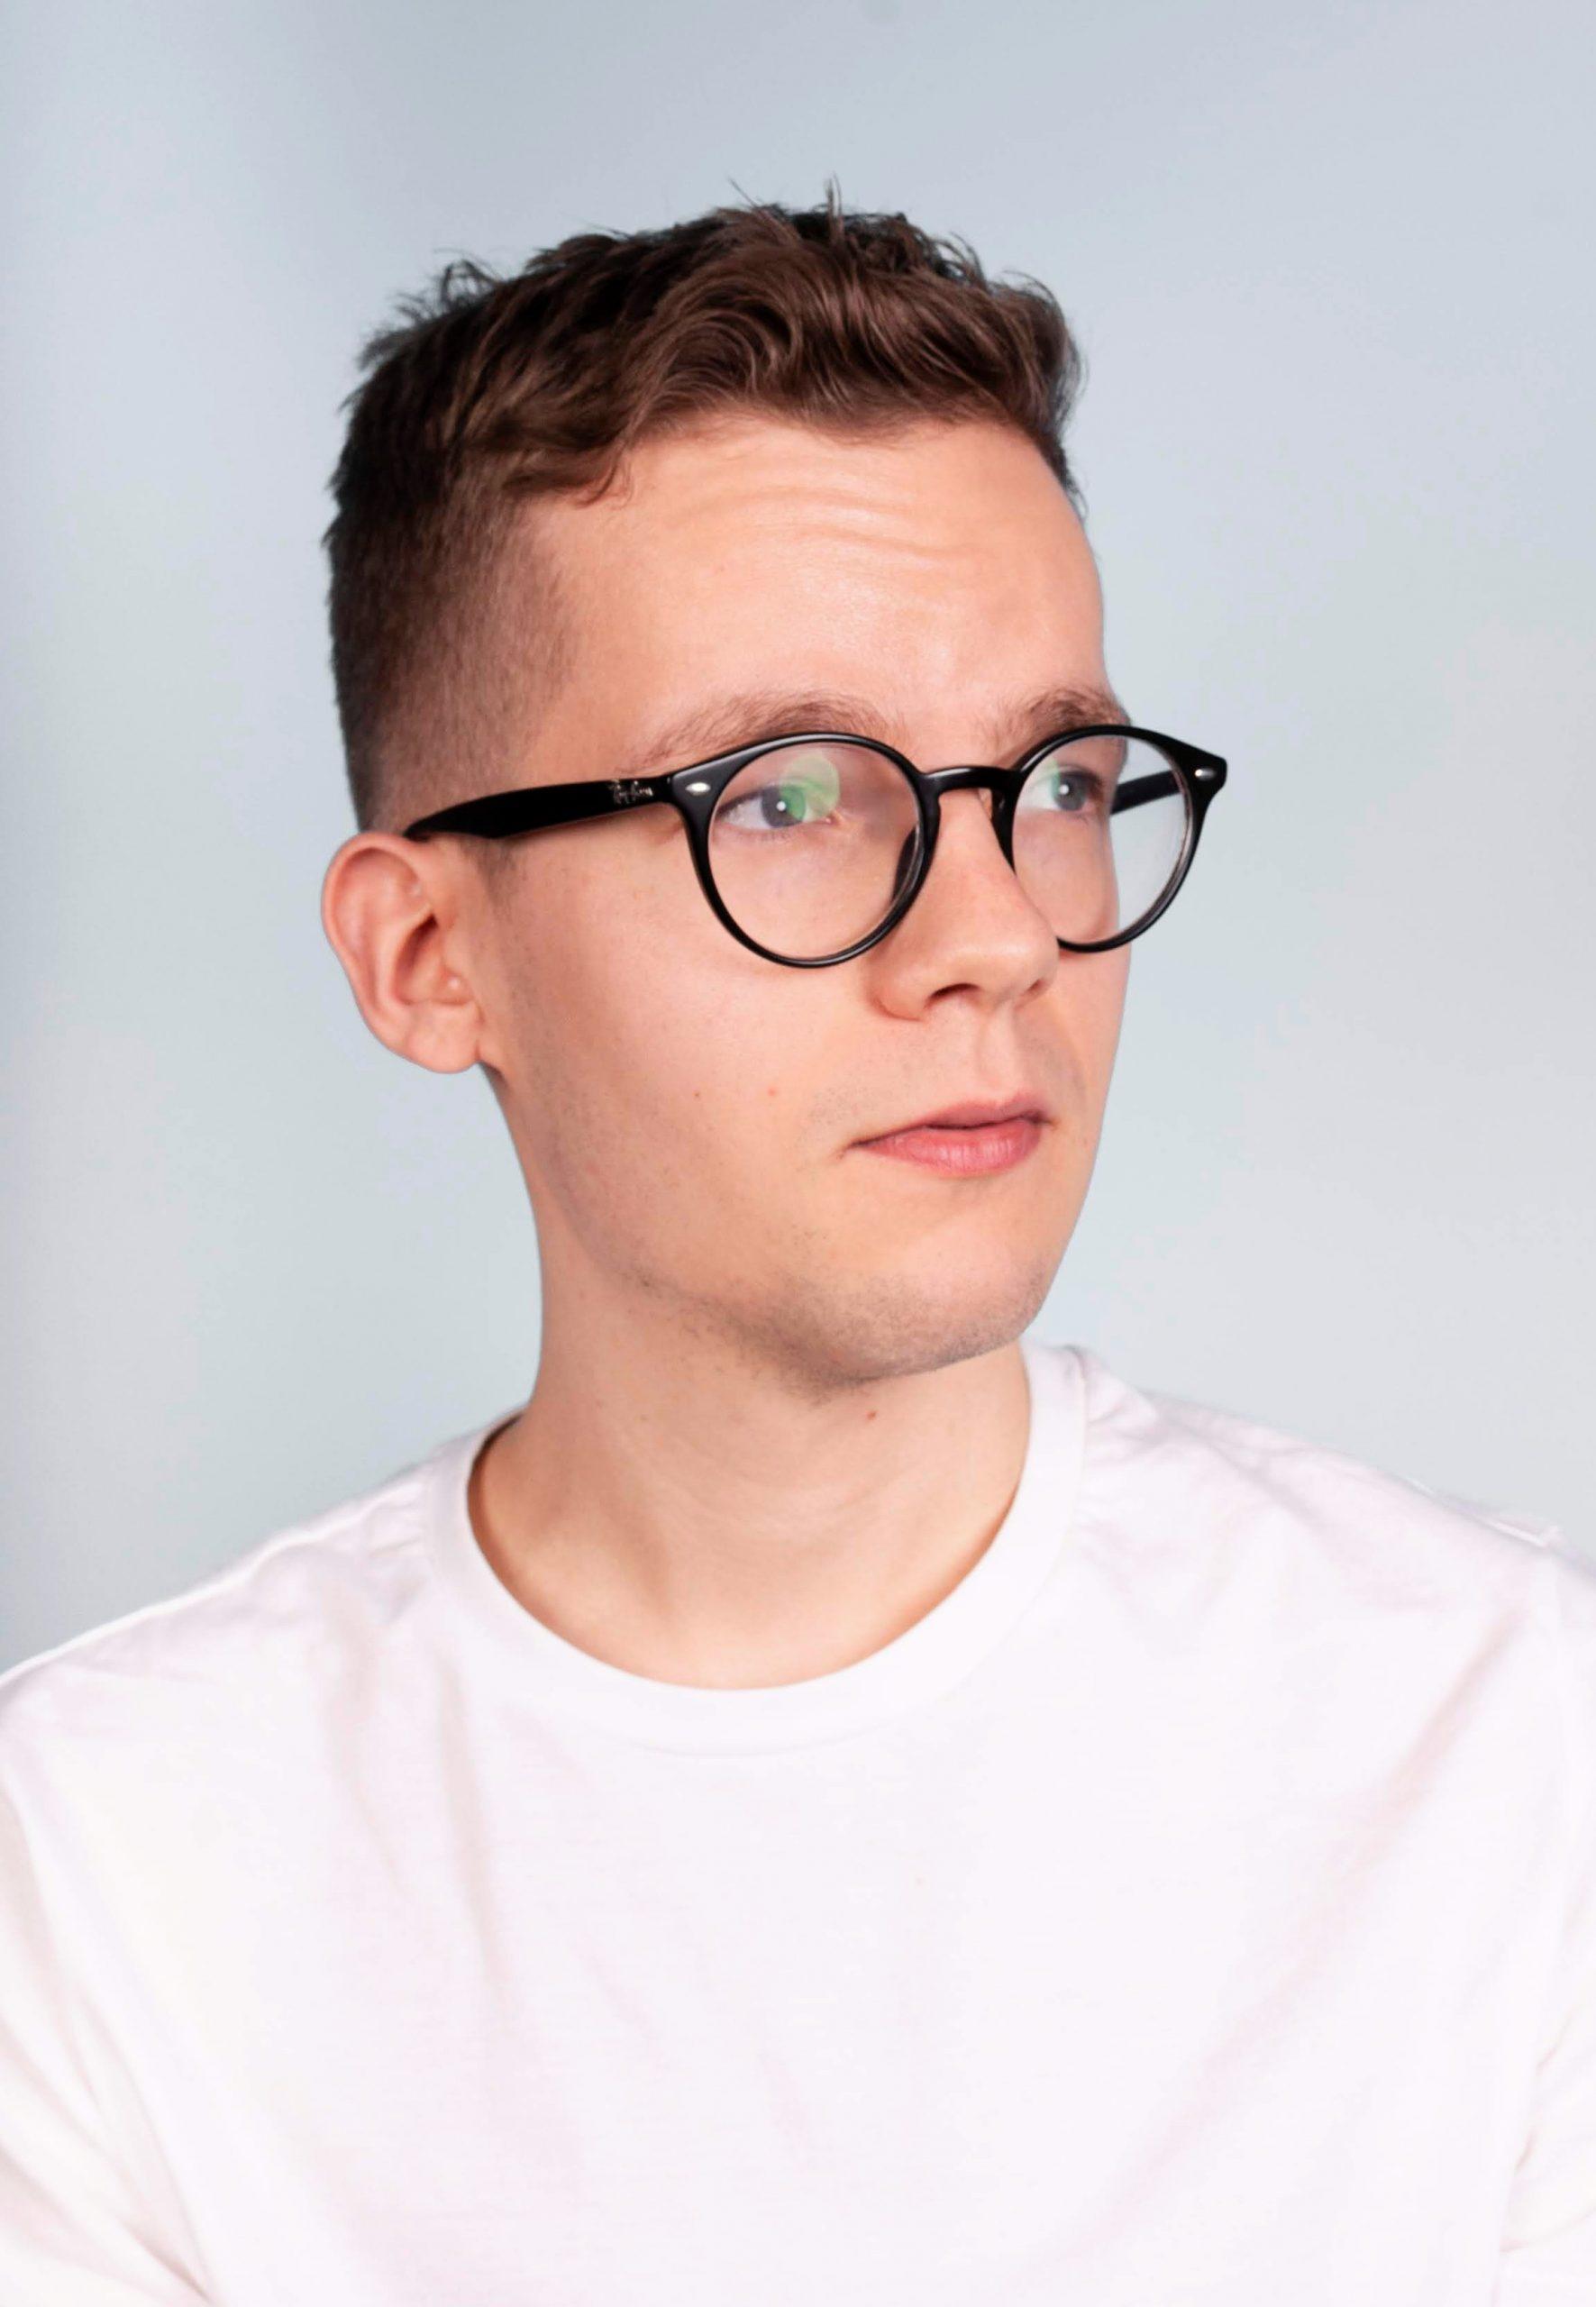 Portrait eines jungen Mannes, der zweifelnd in die Zukunft blickt